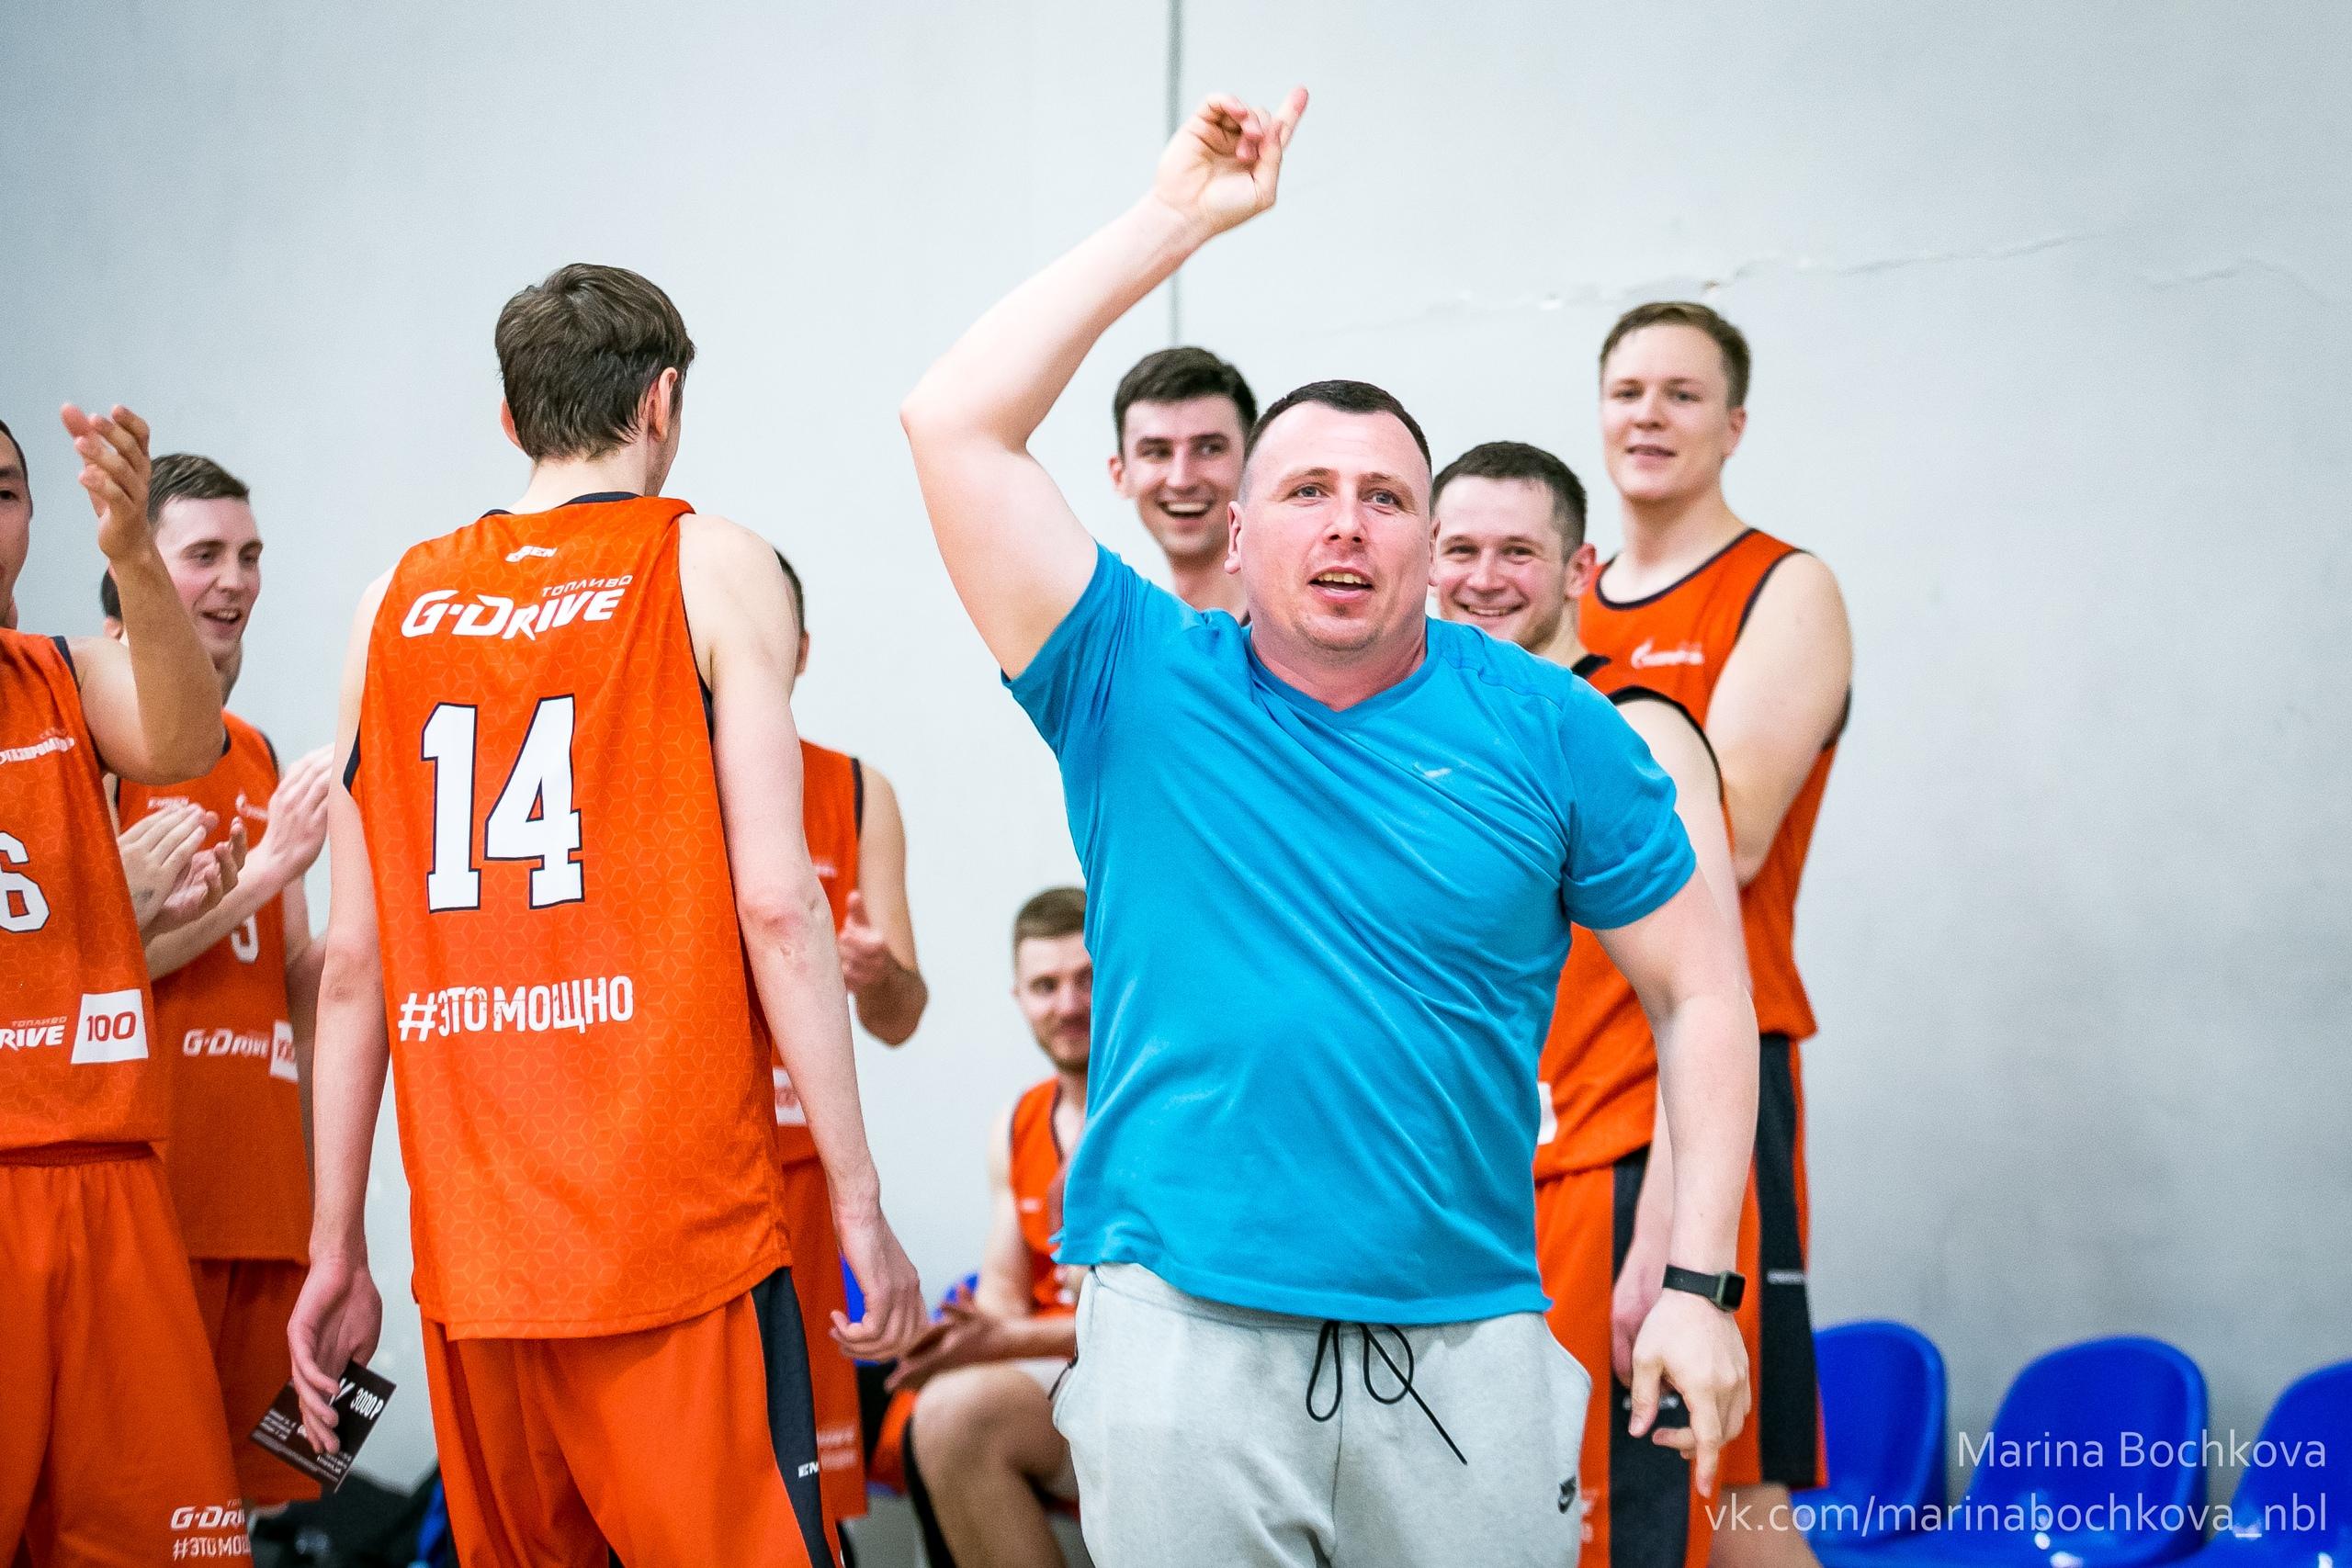 Сергей Сылко – MVP Второго Дивизиона НБЛ сезона 2018-2019